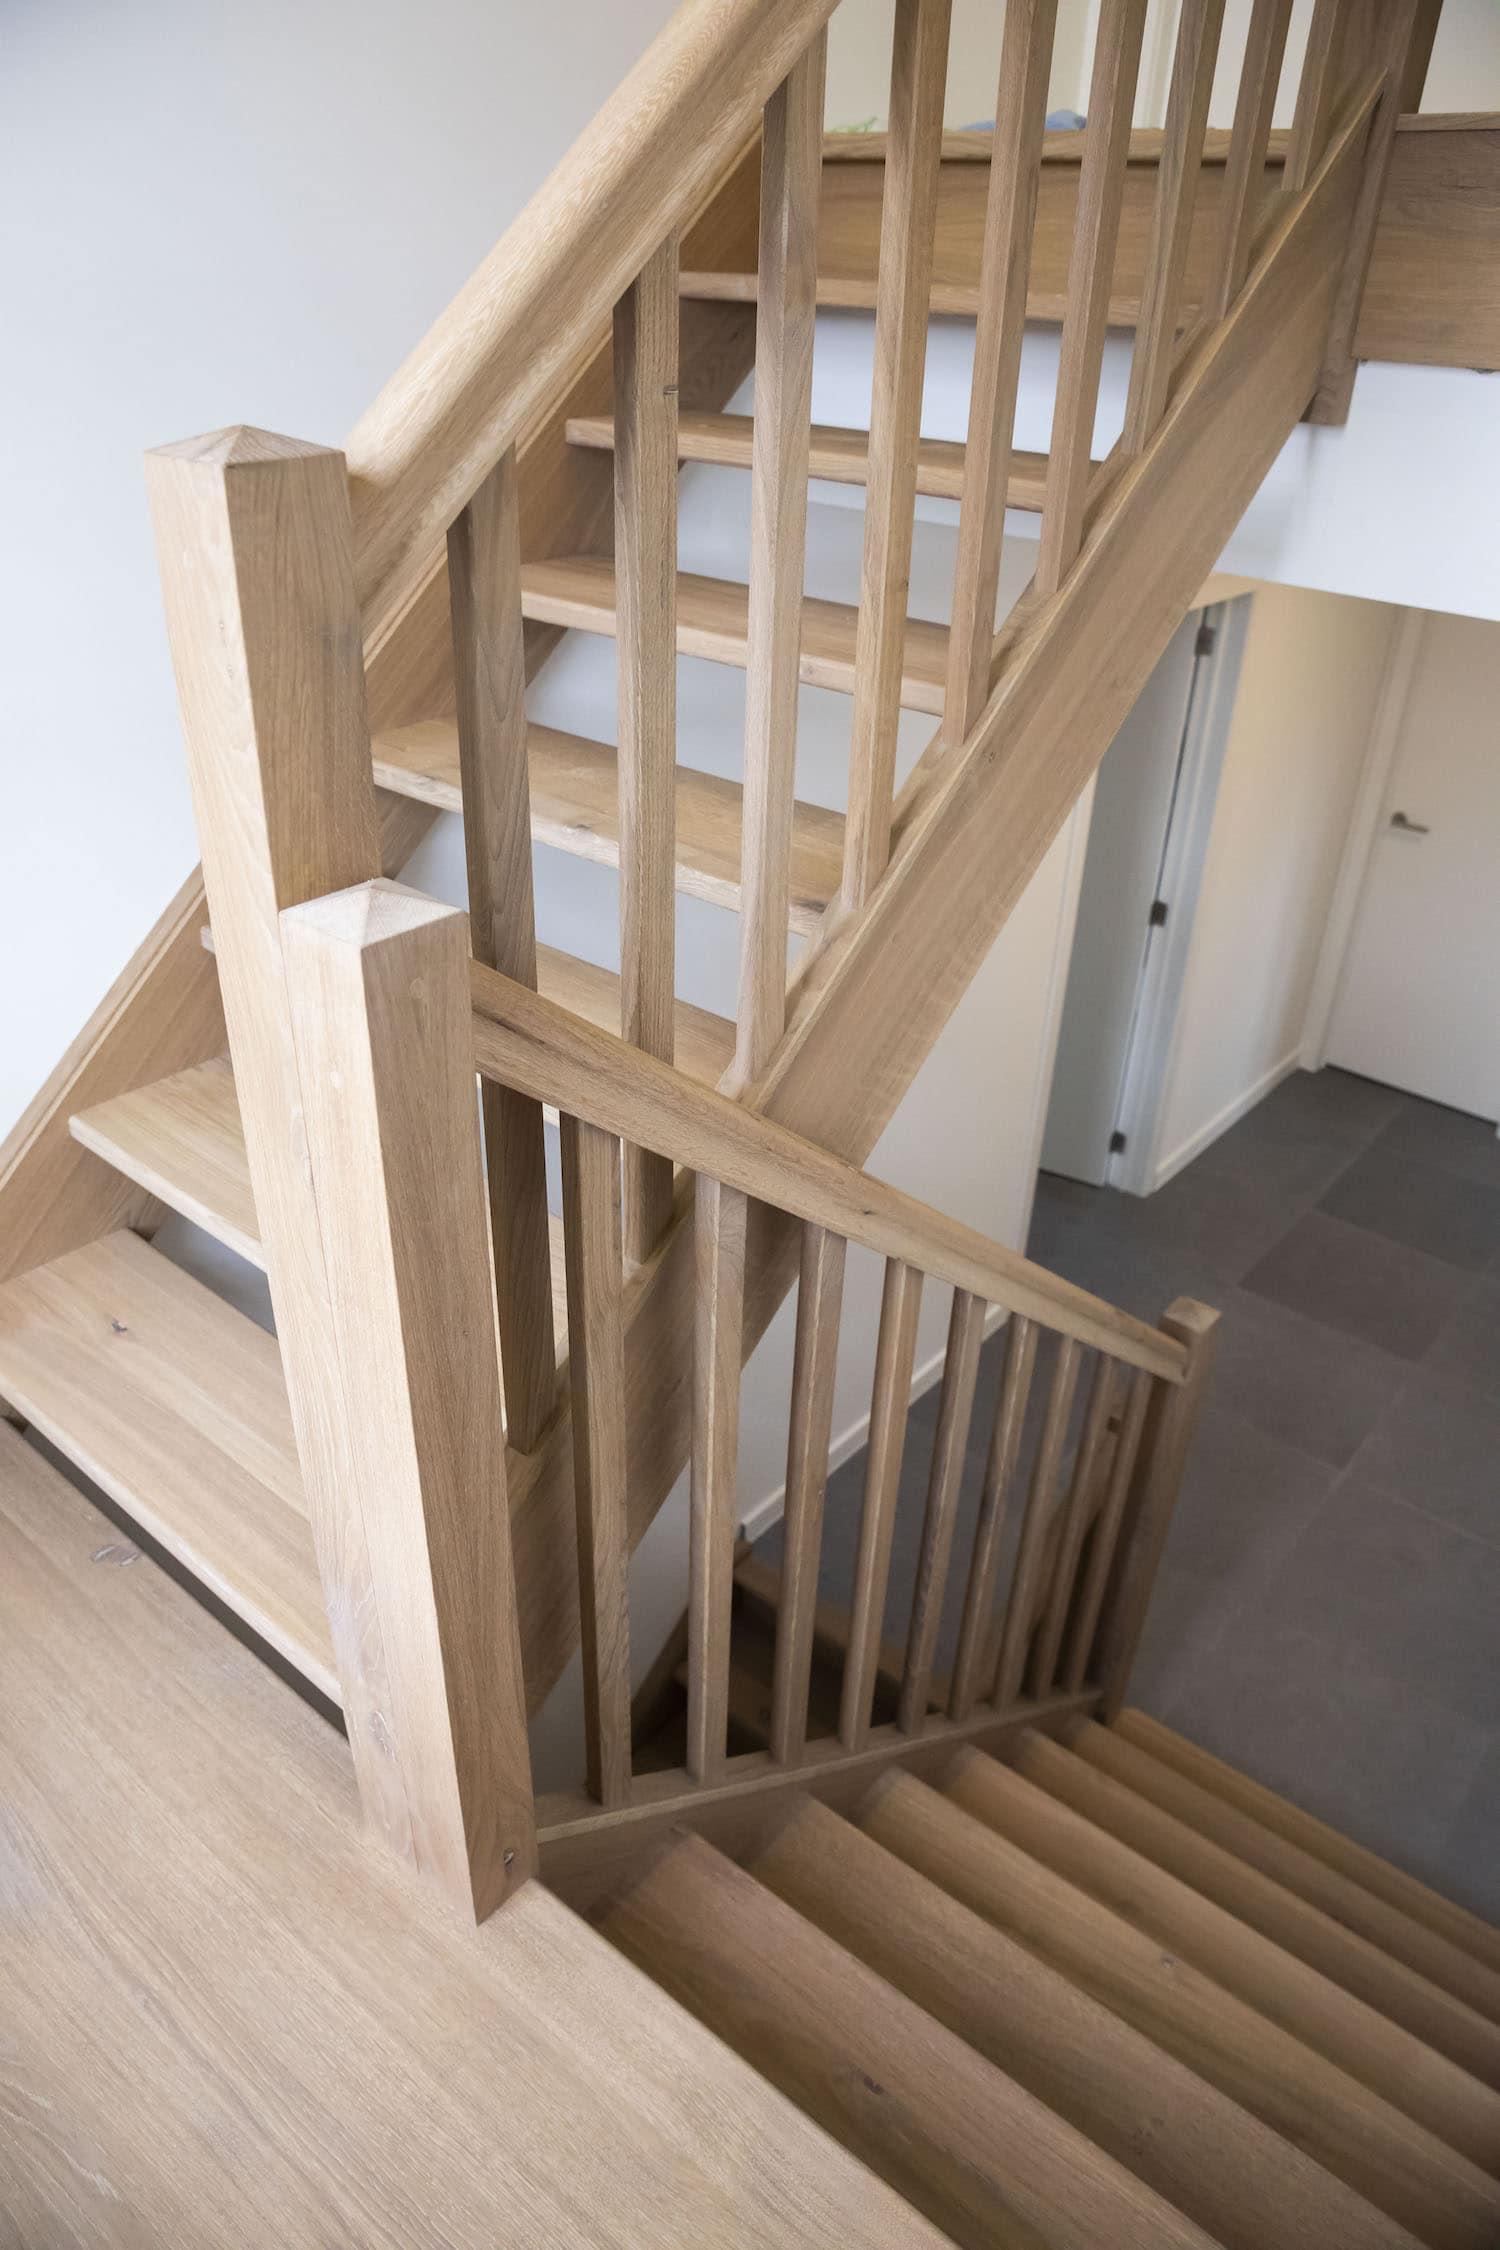 Tradionele gesloten en open trap in Franse eik met vierkante palen en rechte spillen